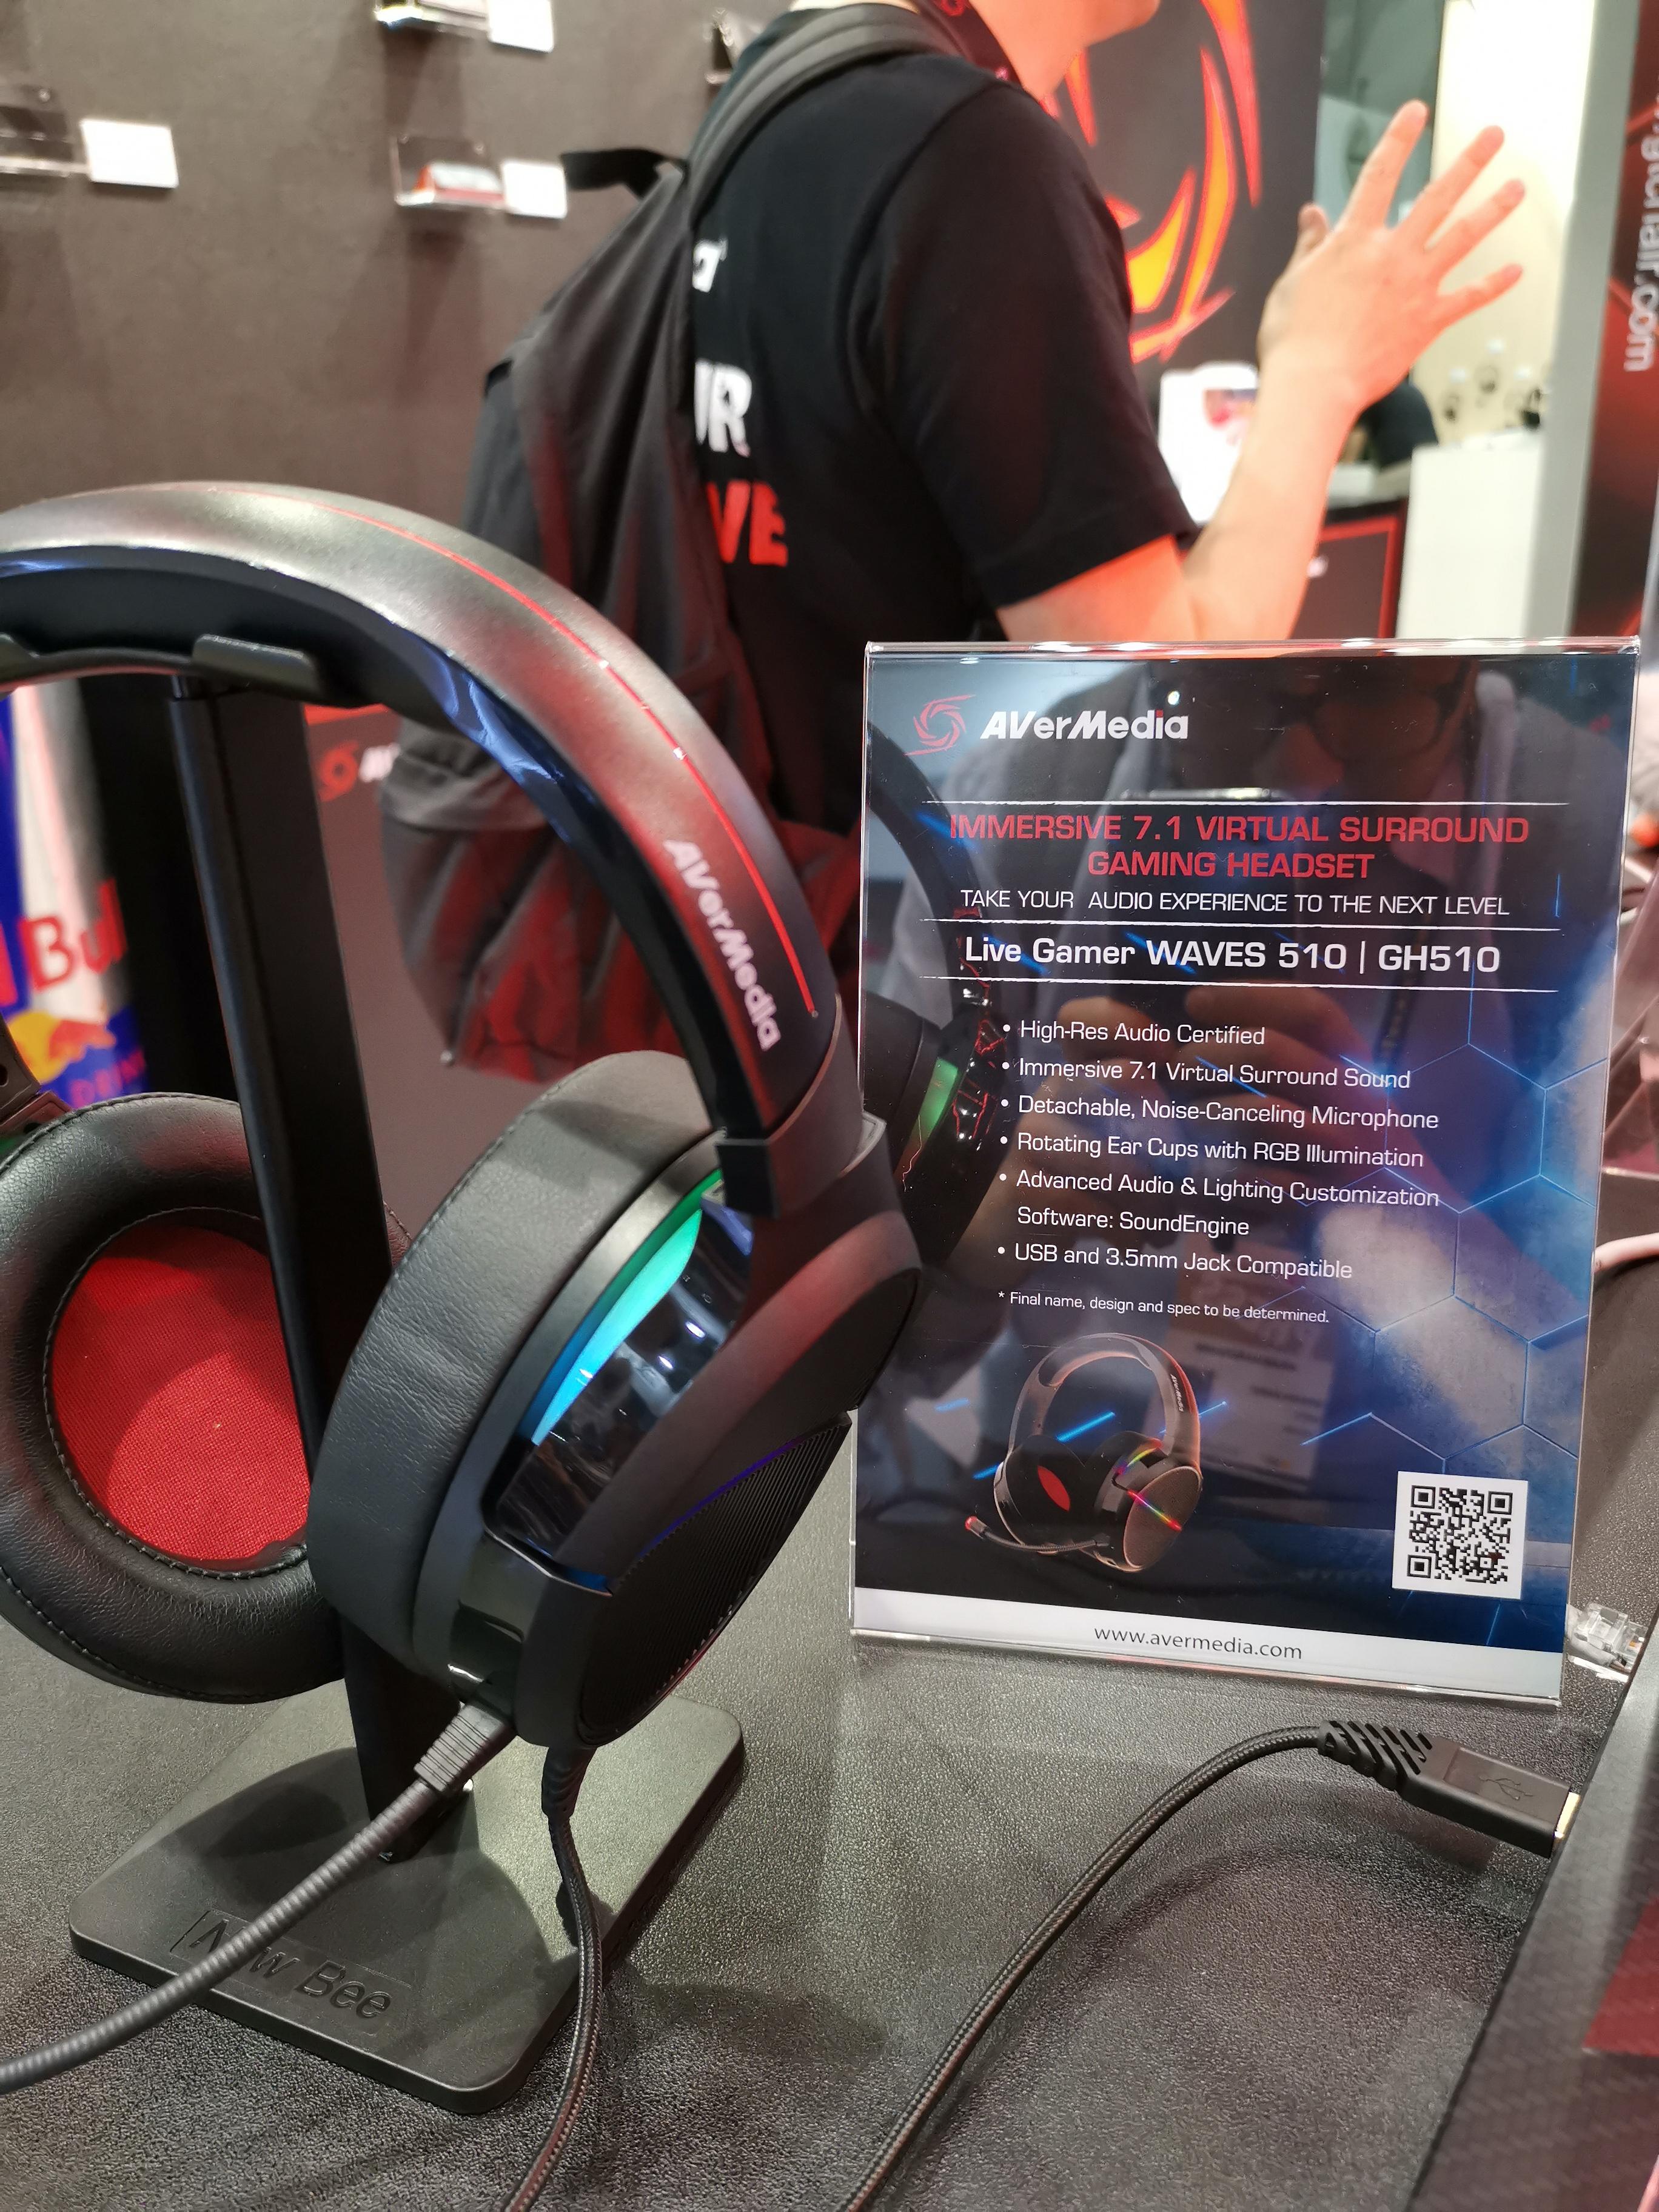 AVerMedia Live Gamer Waves 510